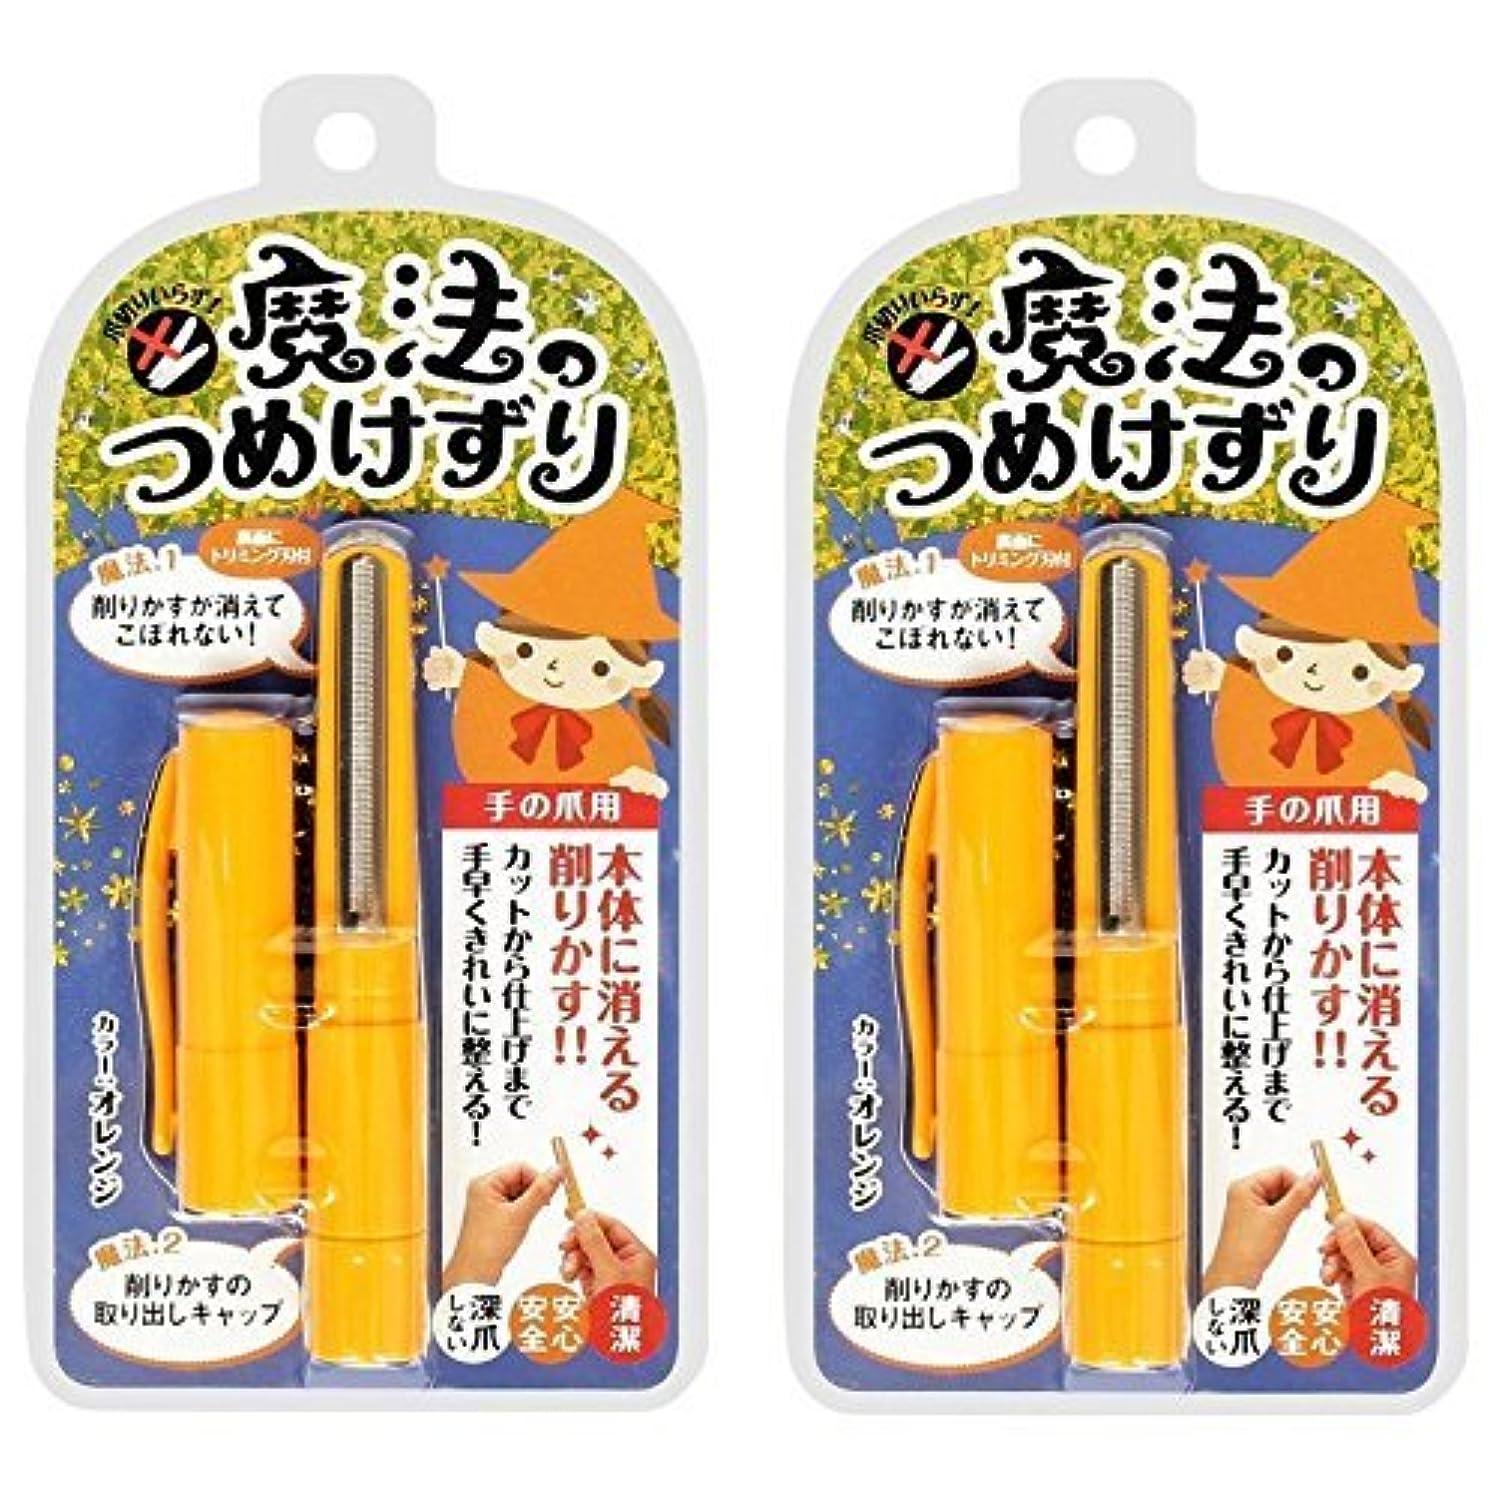 時間とともに与えるごめんなさい【セット品】松本金型 魔法のつめけずり MM-090 オレンジ (2個)